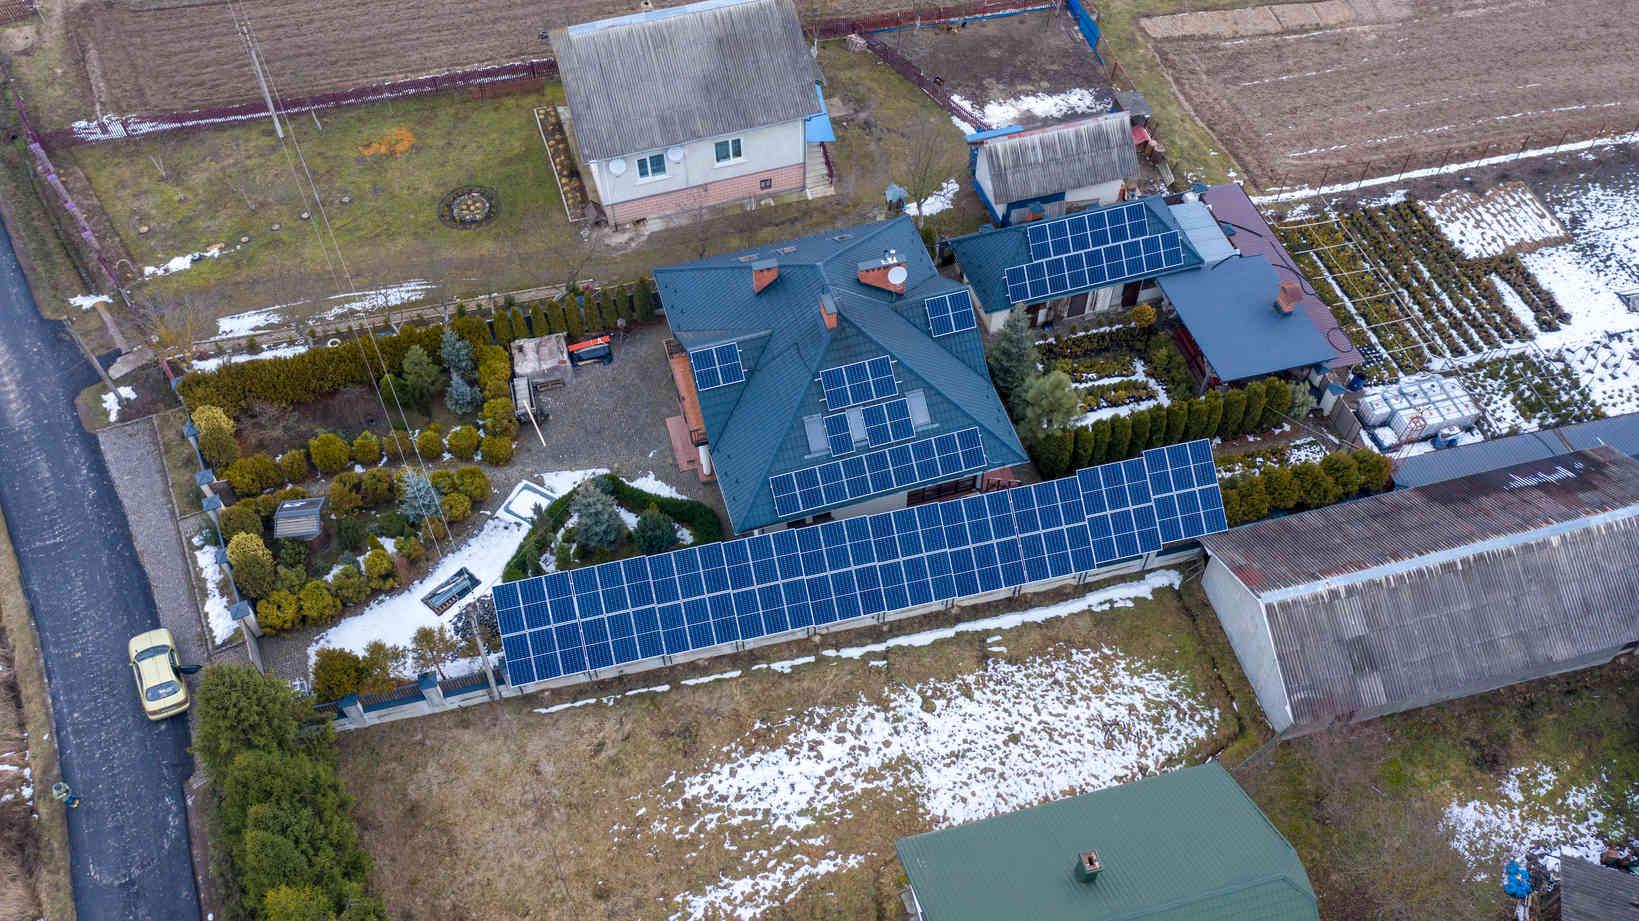 Мережева сонячна електростанція (СЕС) потужністю 33,68 кВт – Фотозвіт #2